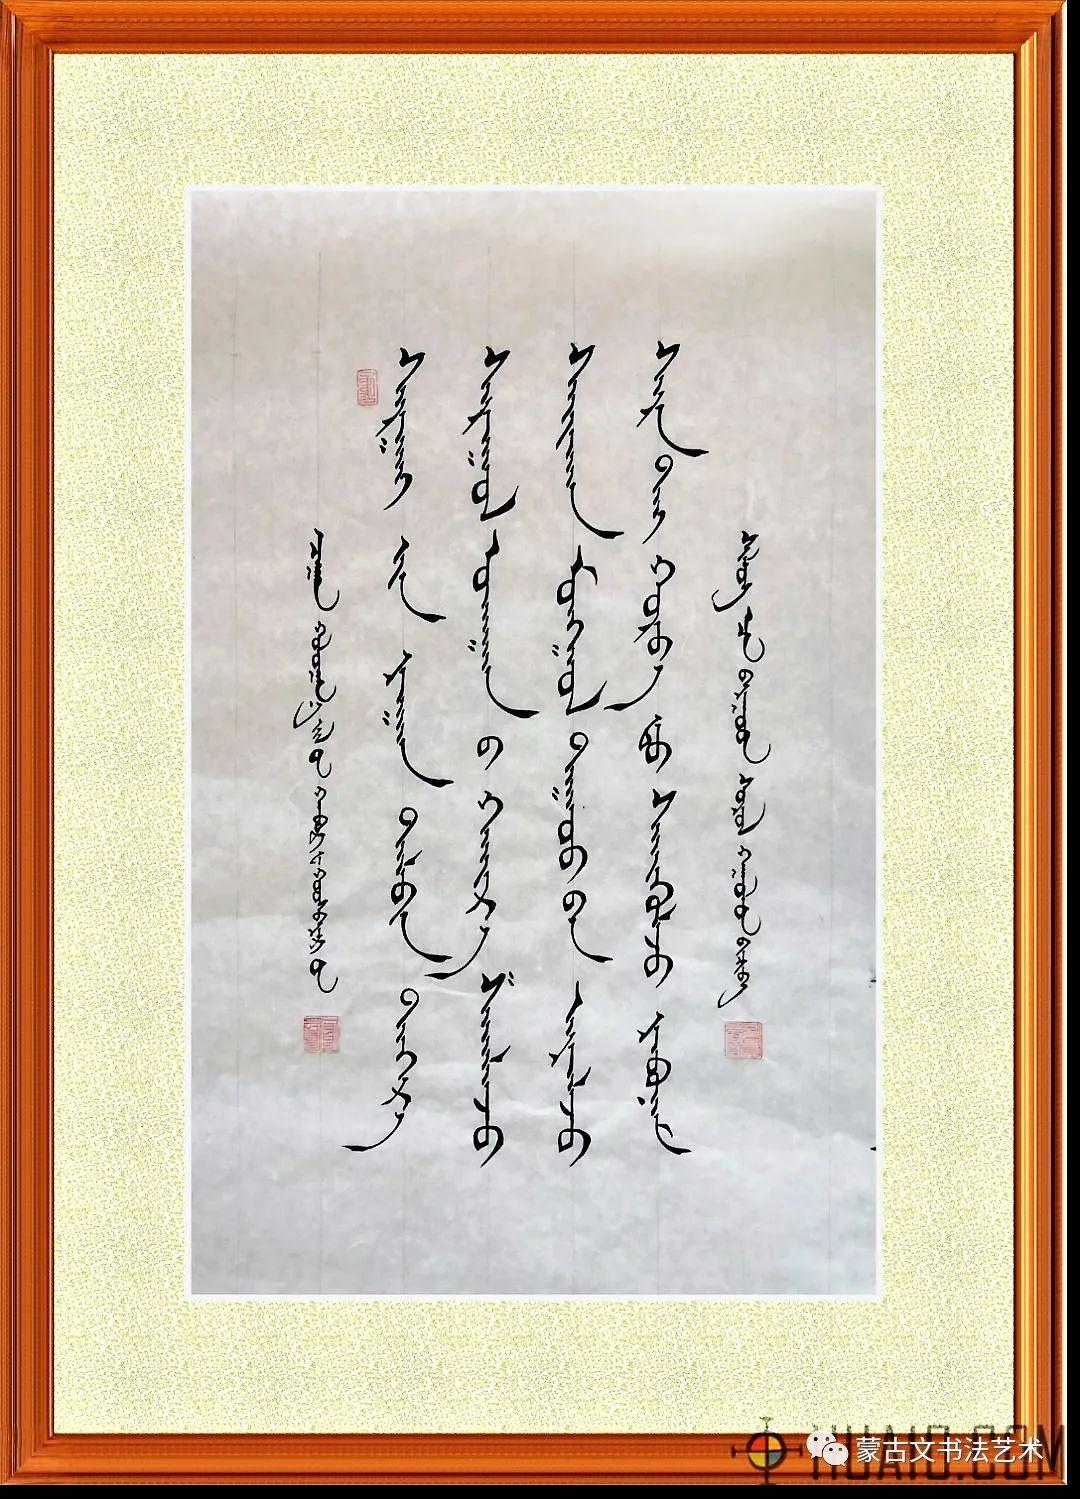 白苏雅蒙古文书法 第11张 白苏雅蒙古文书法 蒙古书法